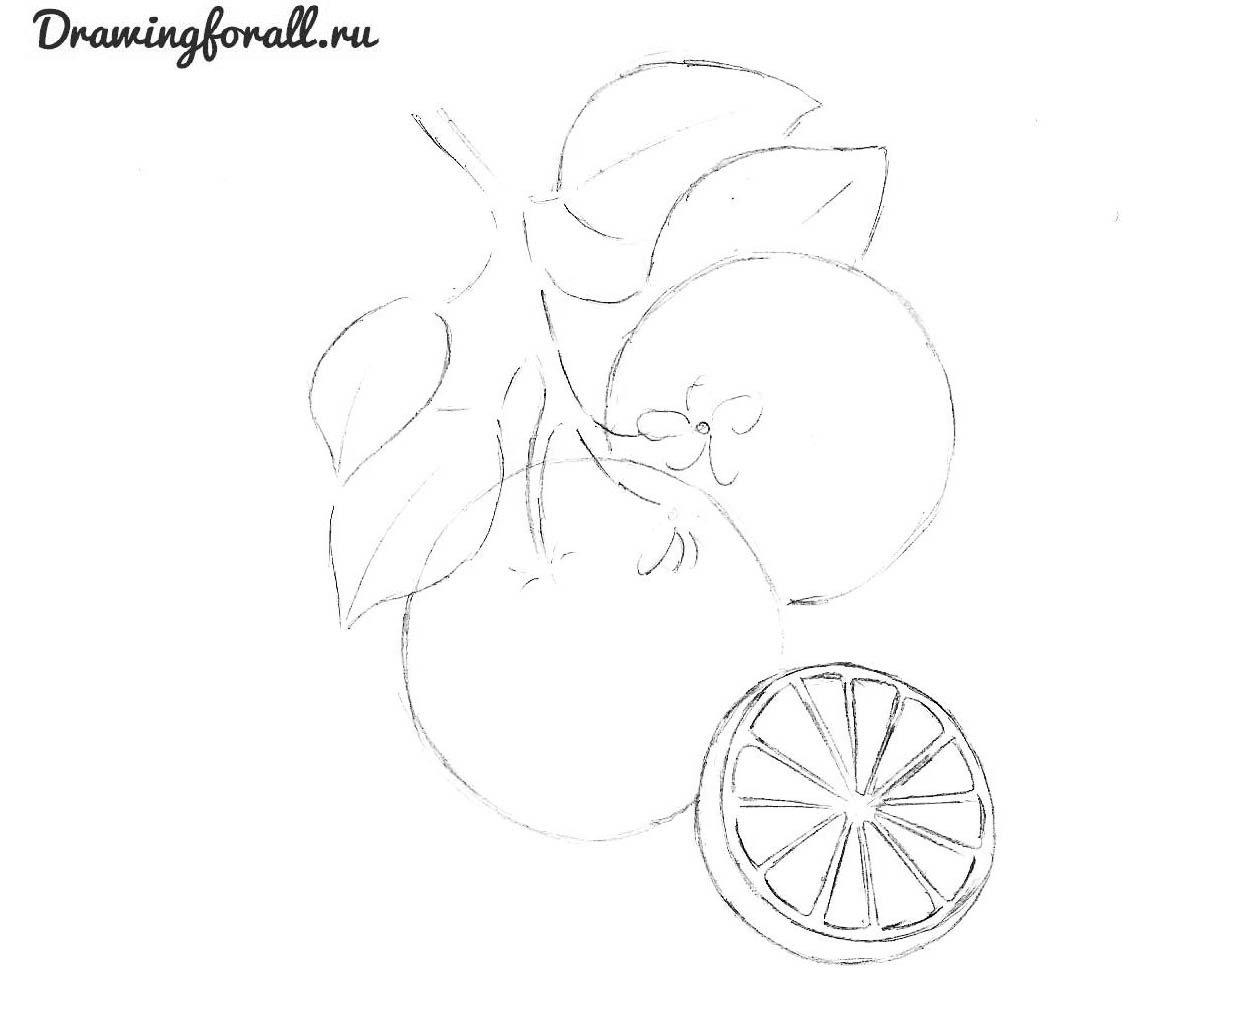 как нарисовать апельсин карандашом поэтапно